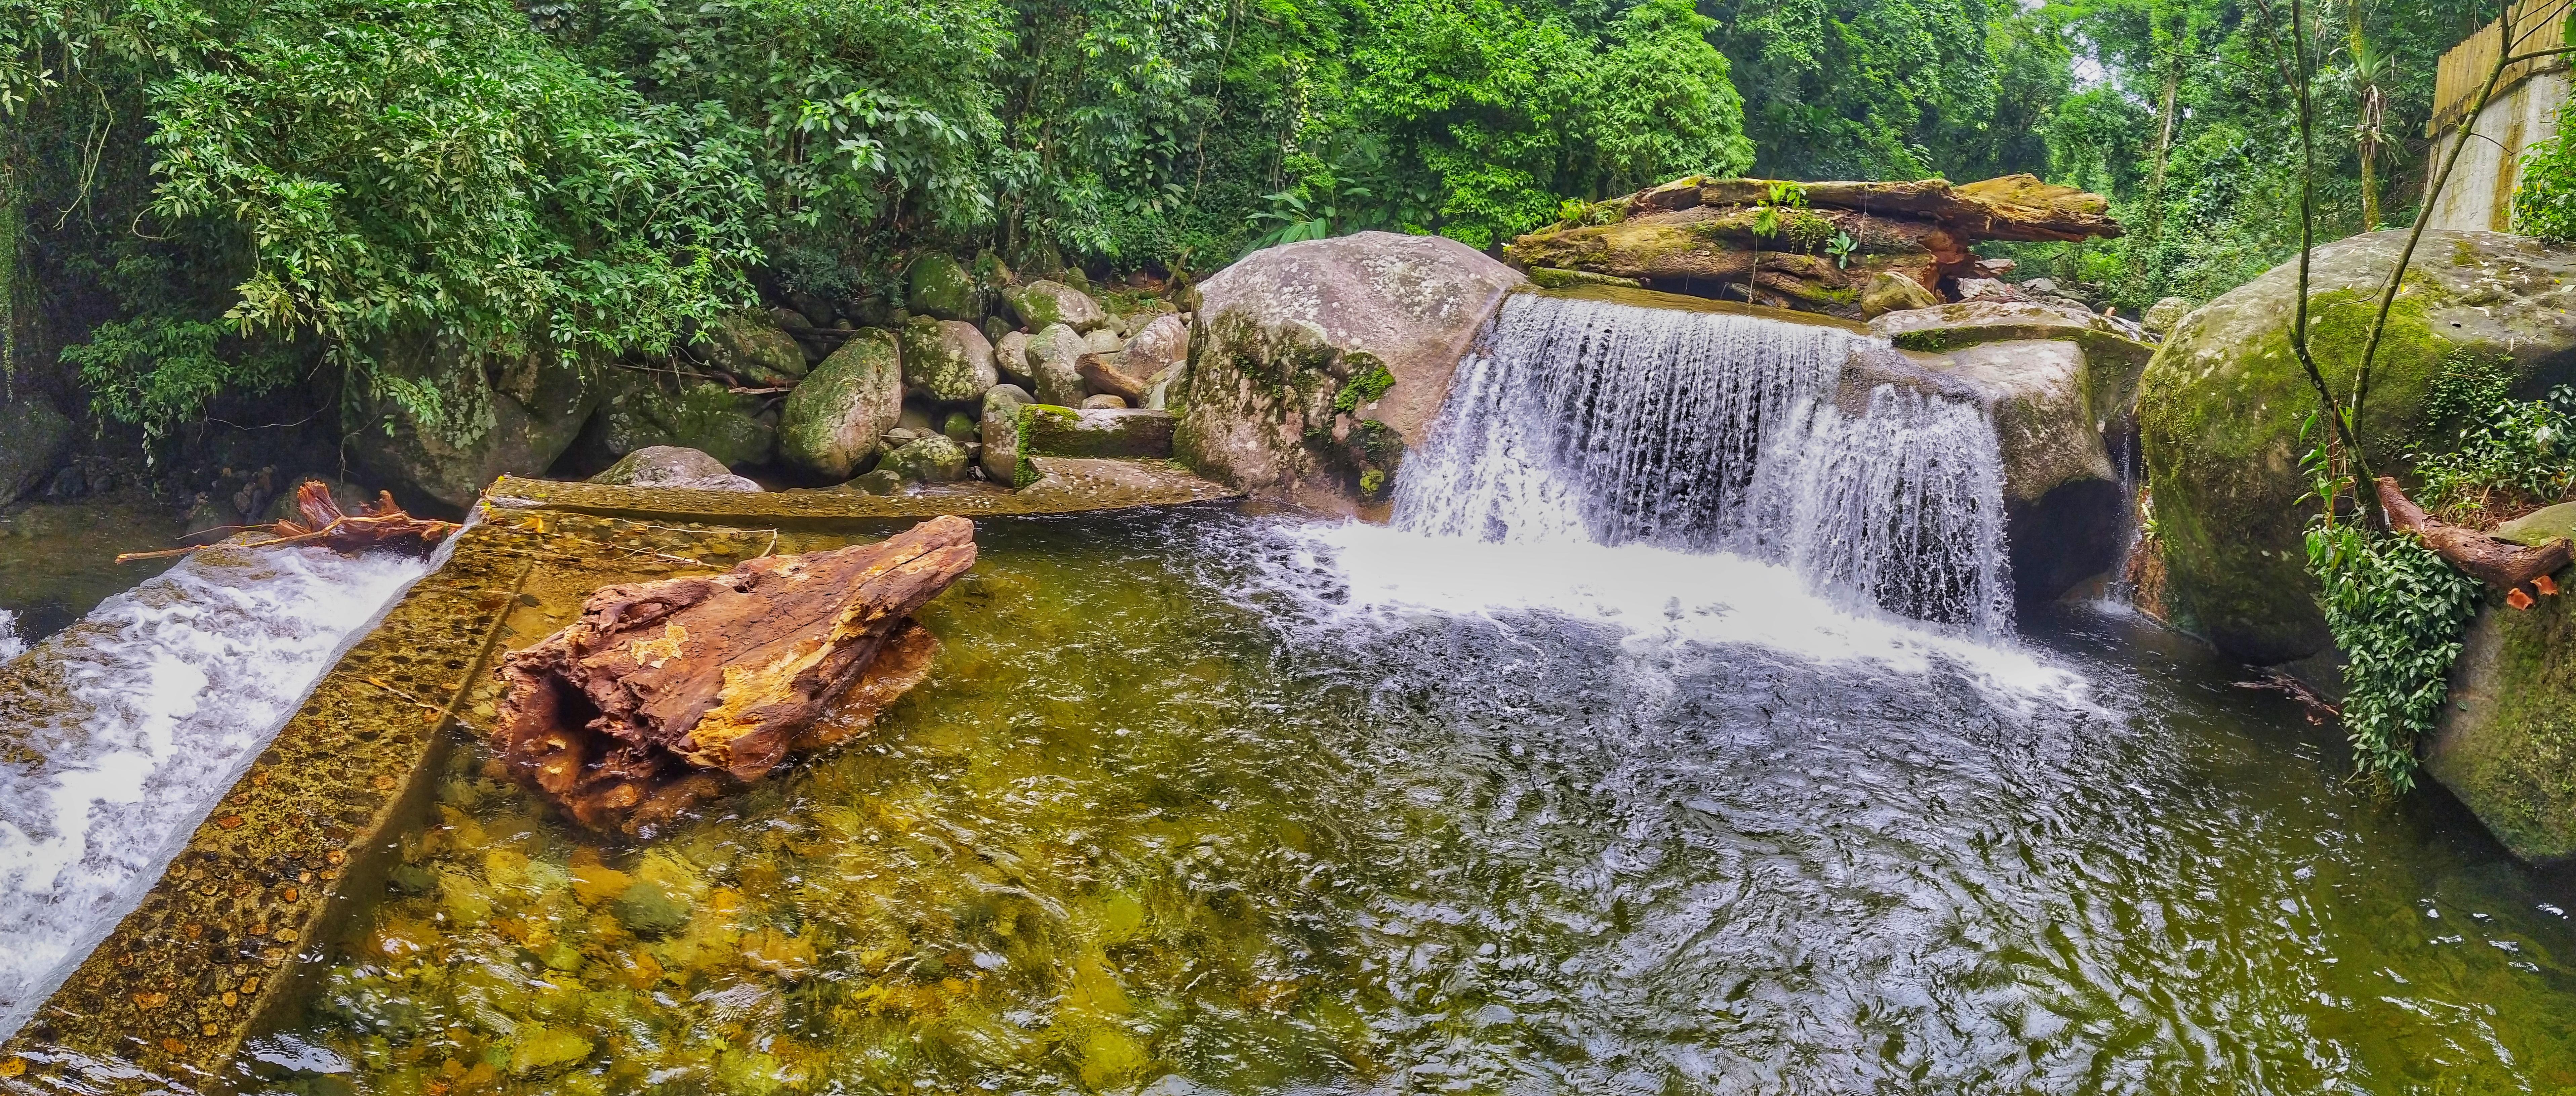 As piscinas do rio Bananal foram construídas por pessoas no leito do curso d'água. Foto: Douglas Mota/BaixadaZine